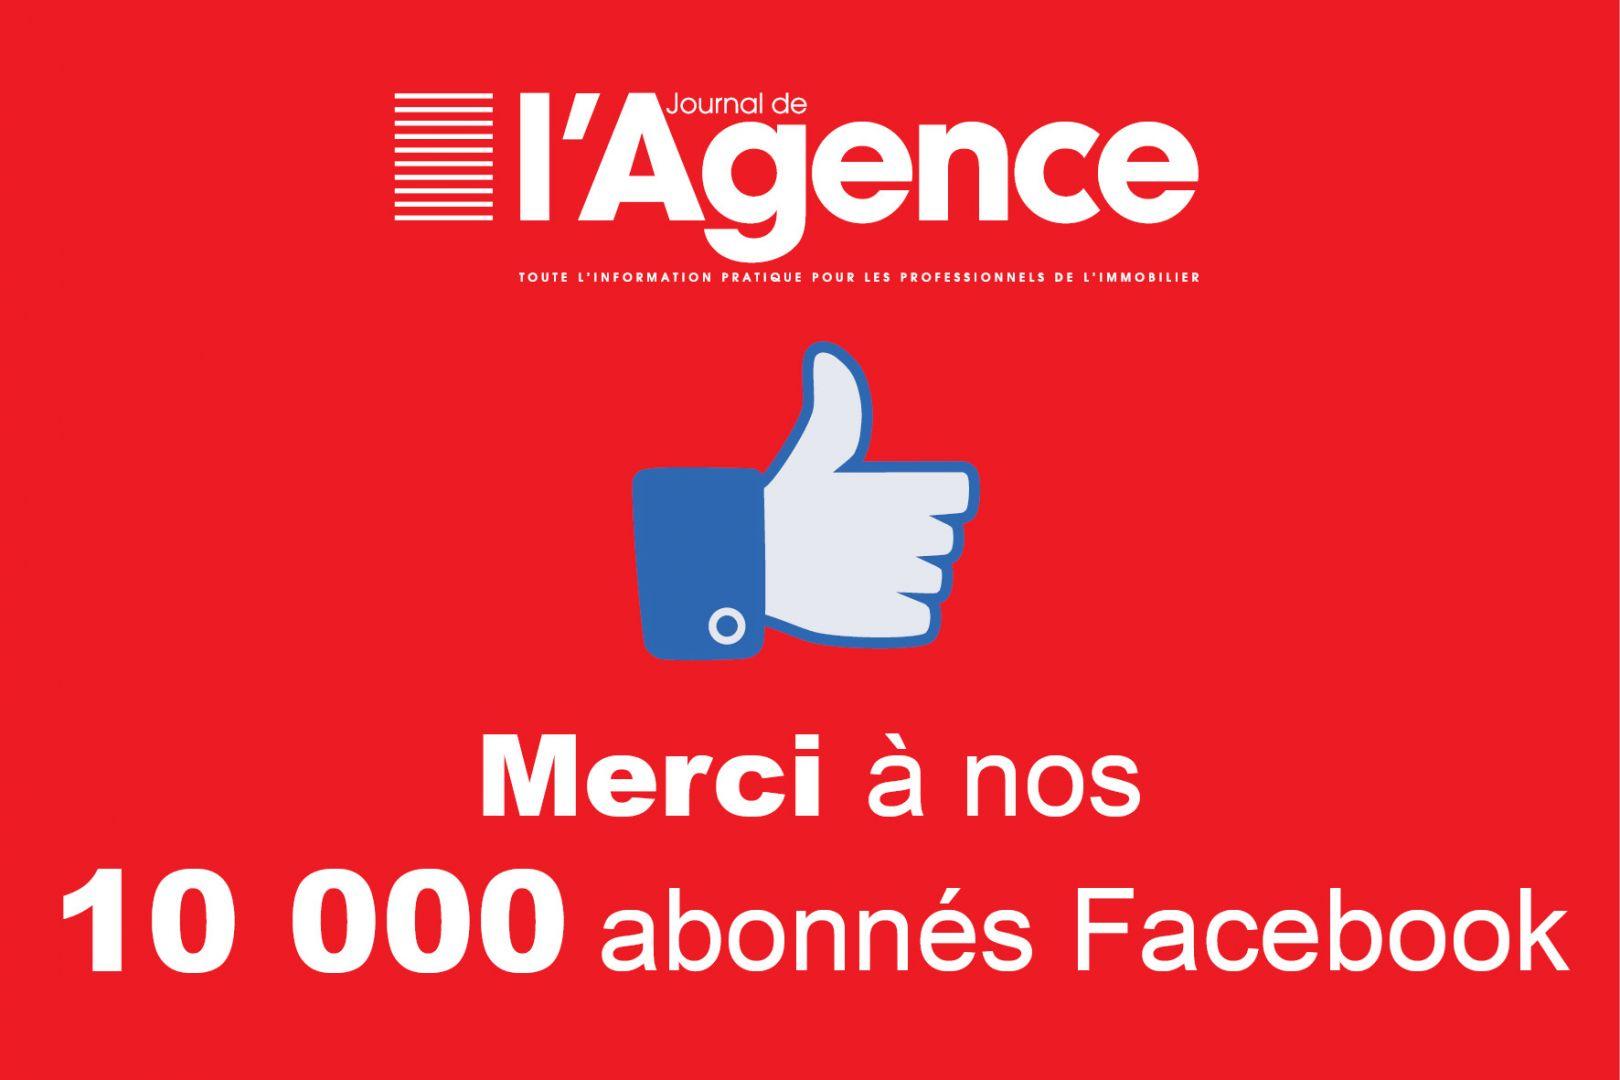 Vous êtes 10 000 à nous suivre sur Facebook : Merci !